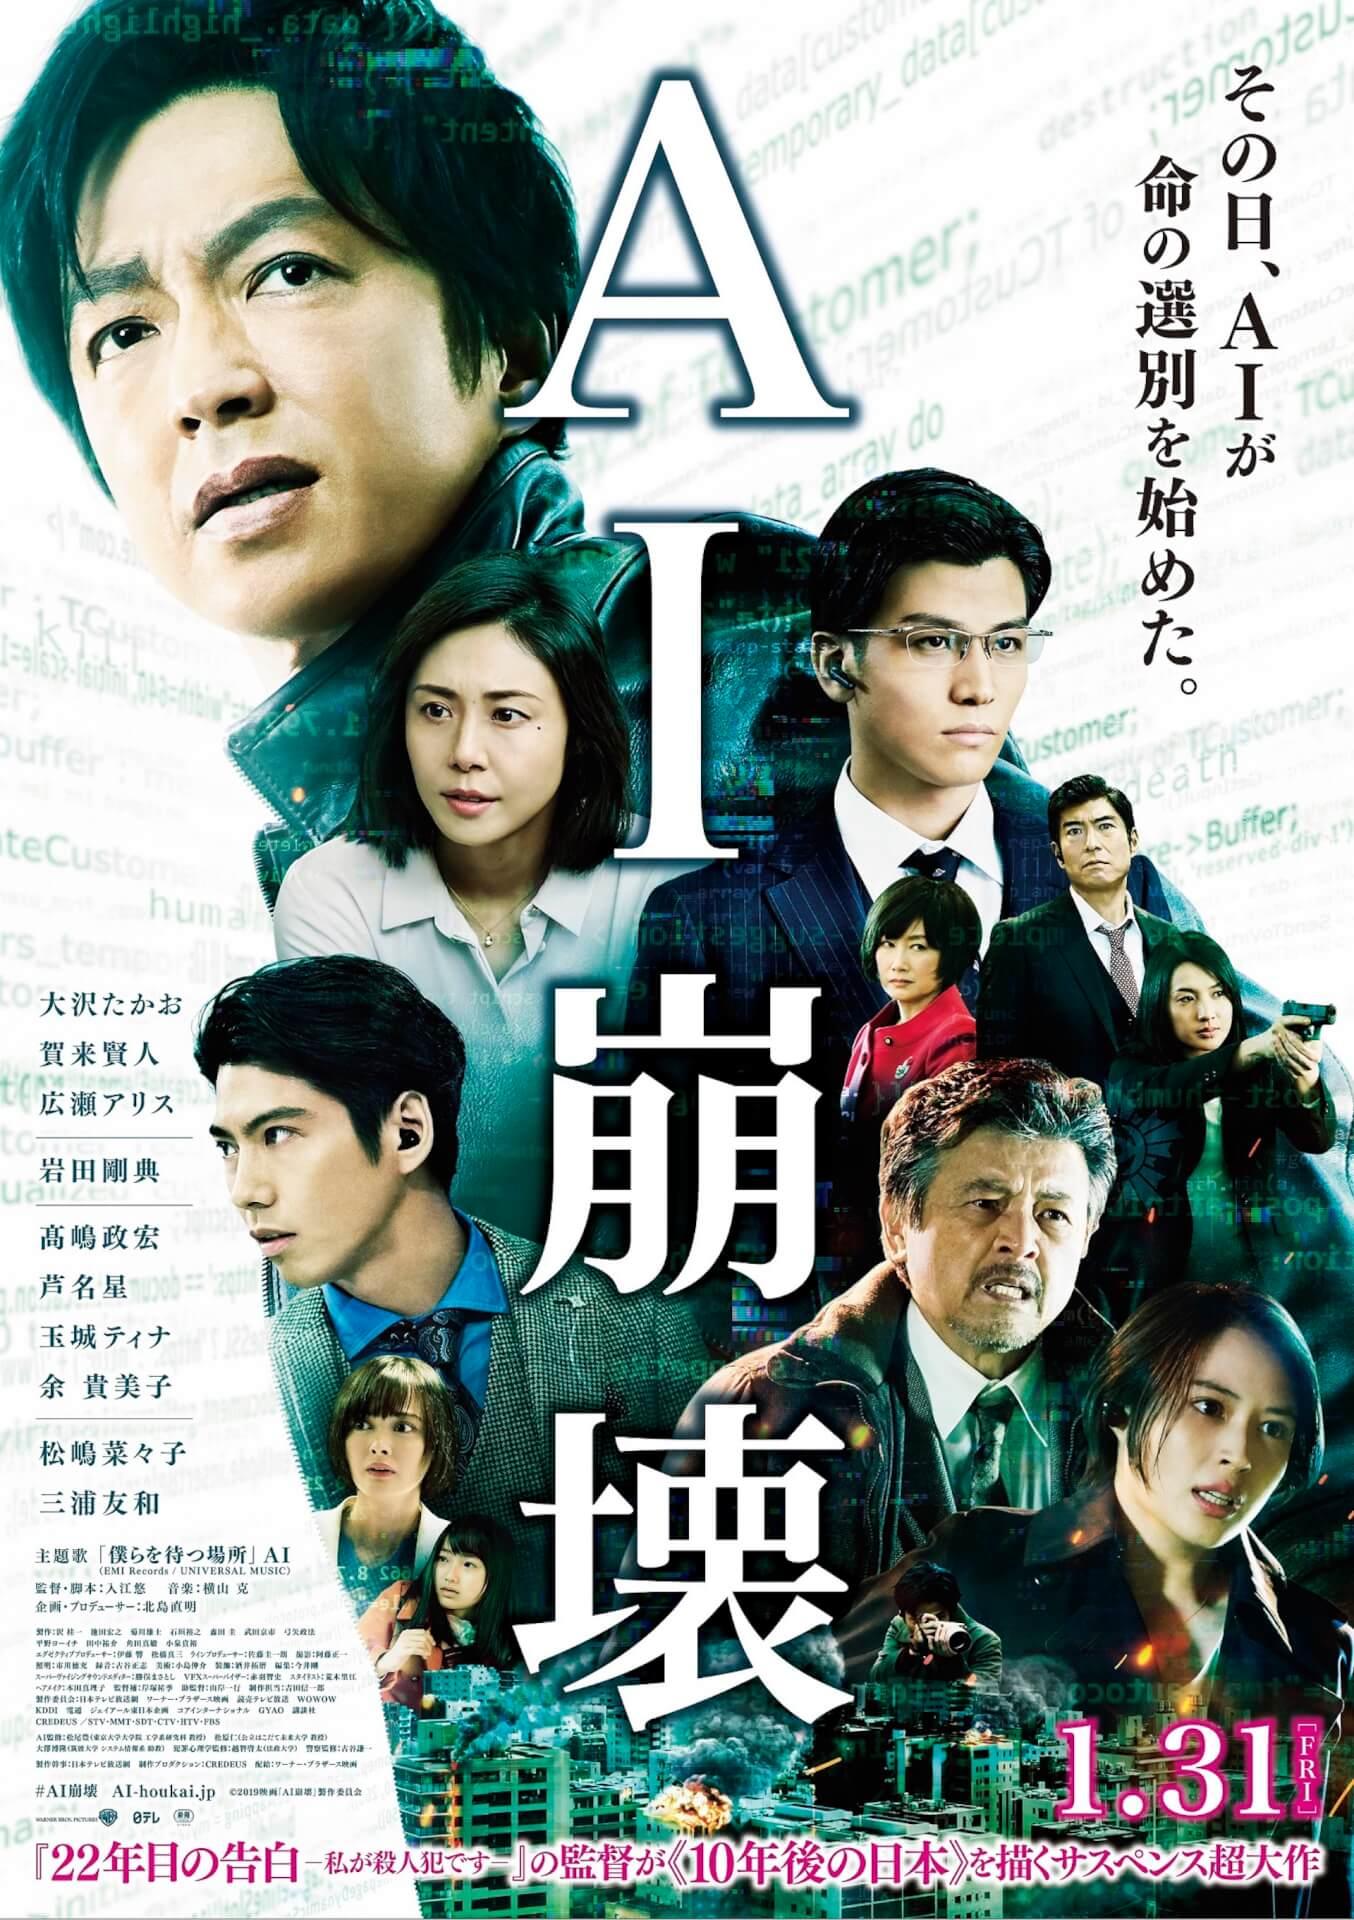 大沢たかお主演の話題作『AI崩壊』の主題歌をAIが担当!解禁されたばかりの新予告にも注目 film191028_aihoukai_1